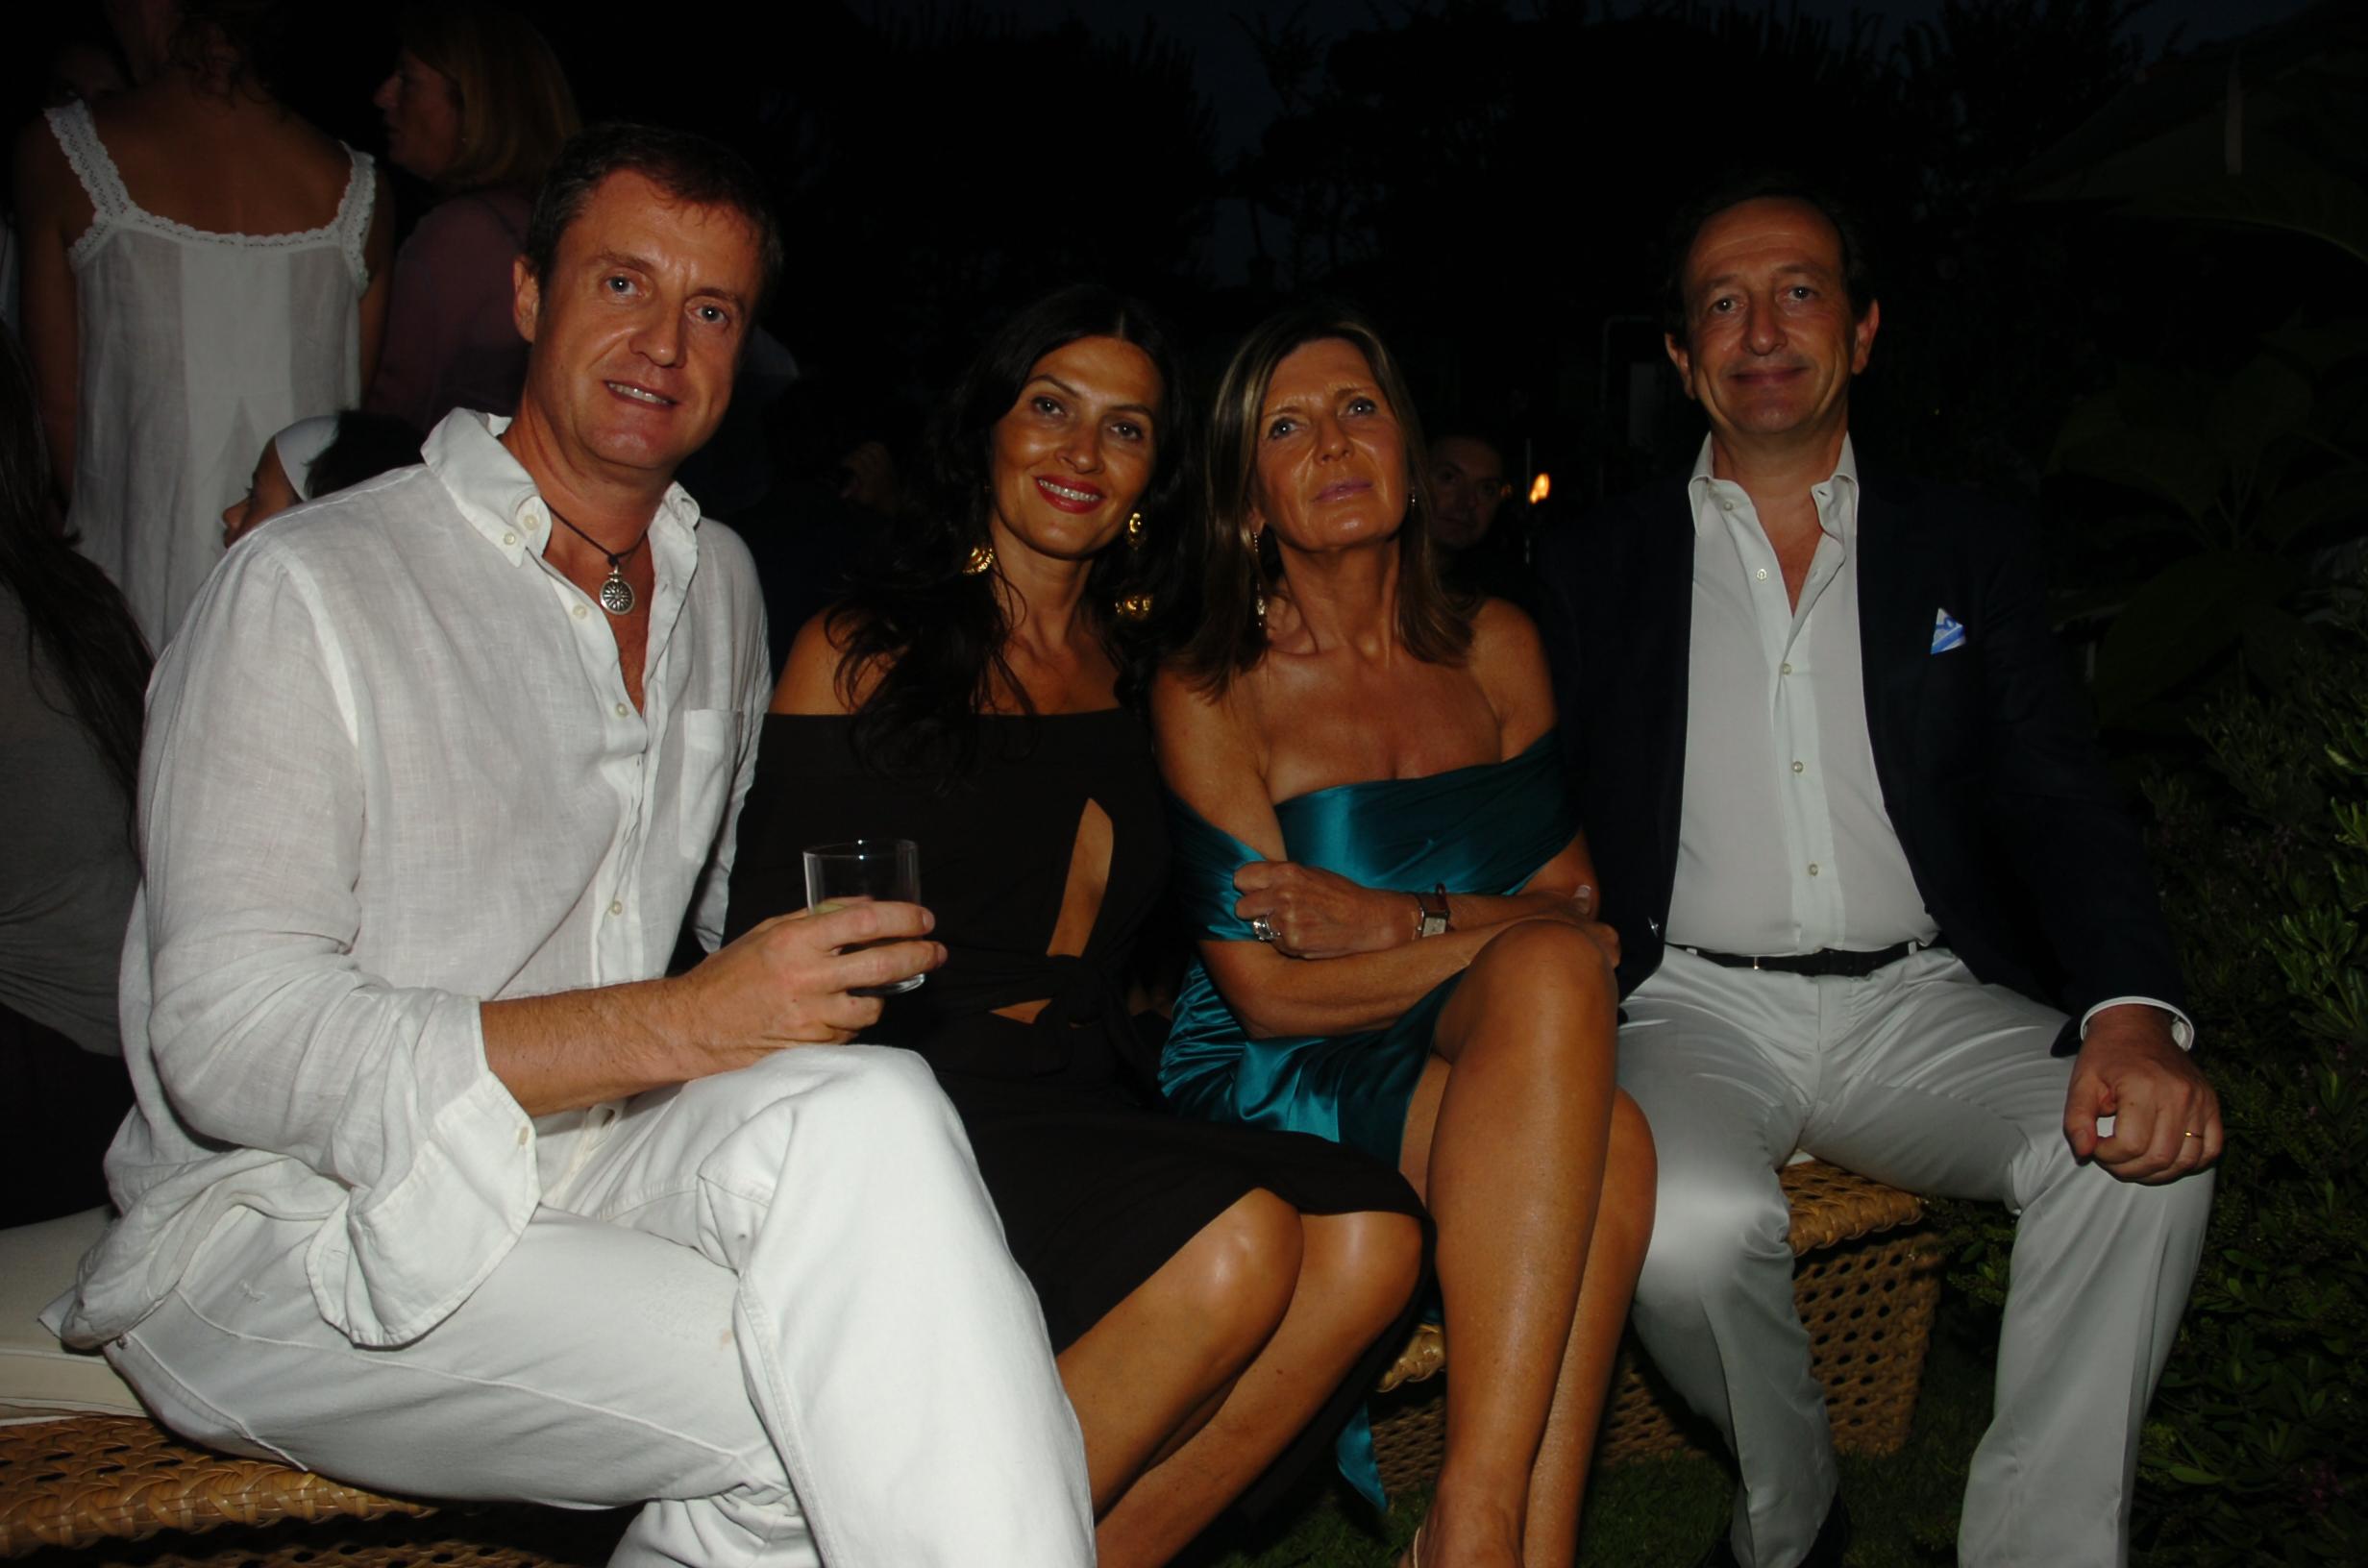 Eugenio Virgillito, Paola Baggiani, Anna e Gianni Sismondi